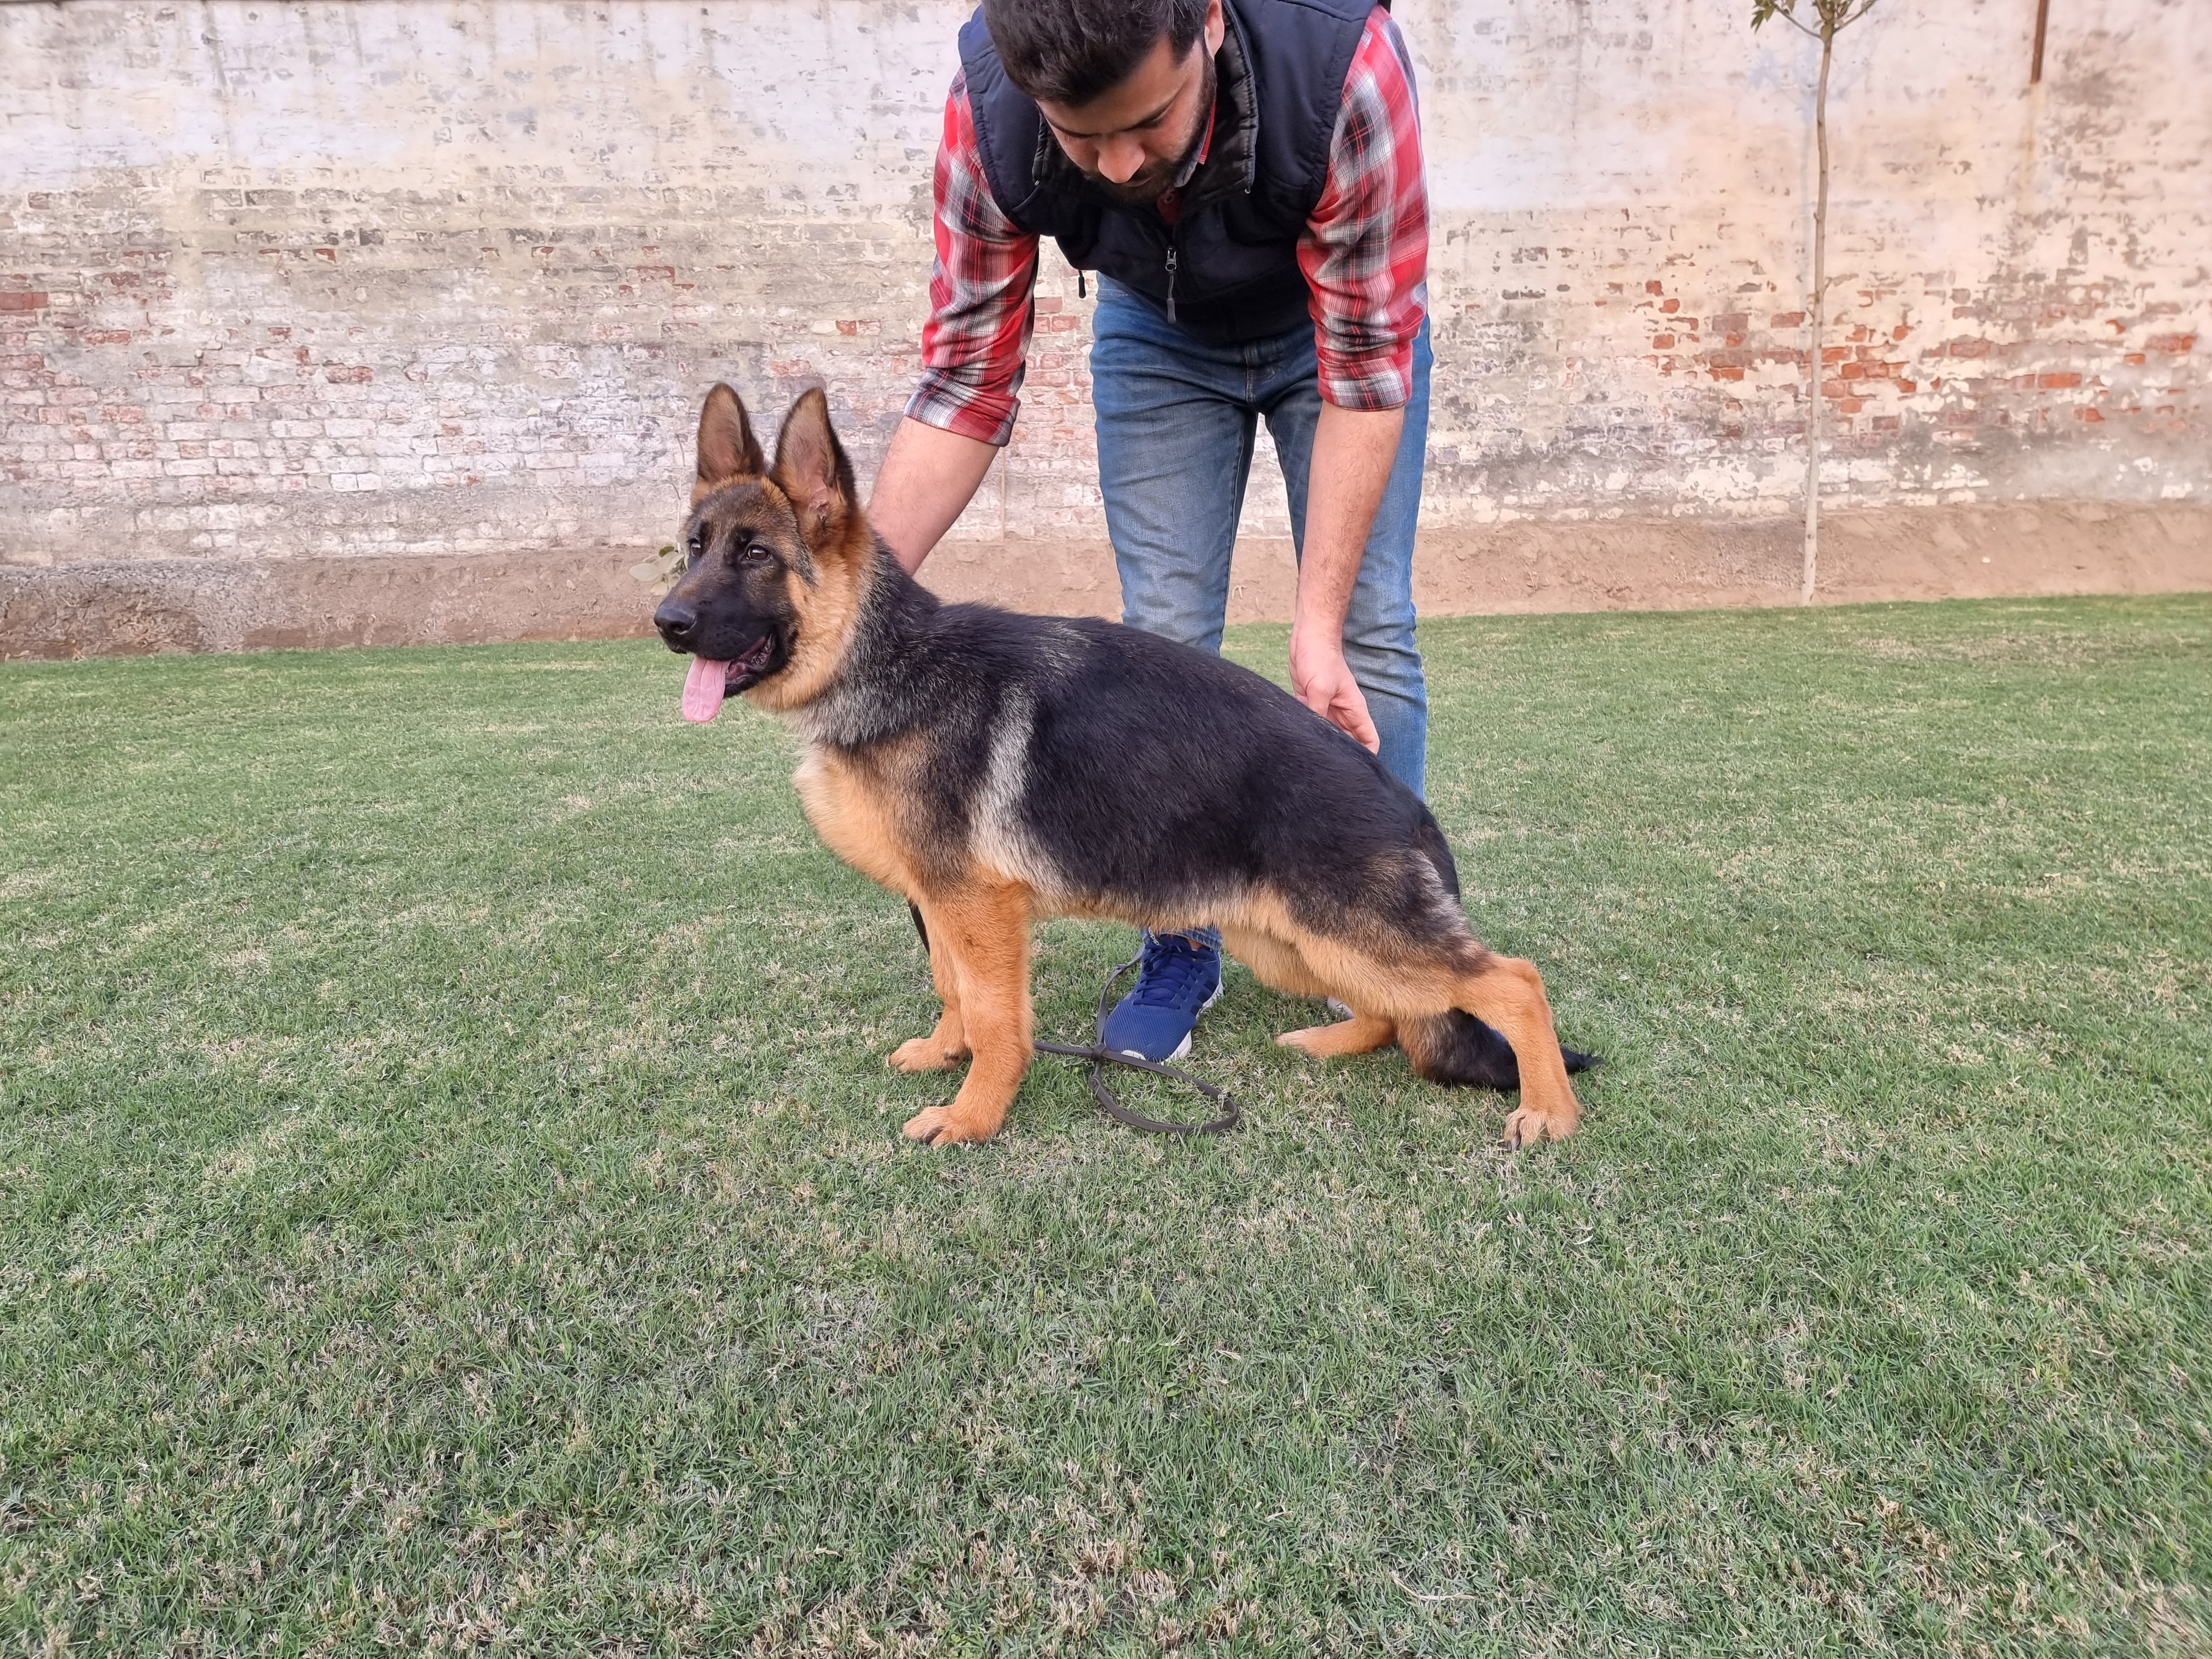 public/dog_images/12879/1612823074.20210204_165836.jpg